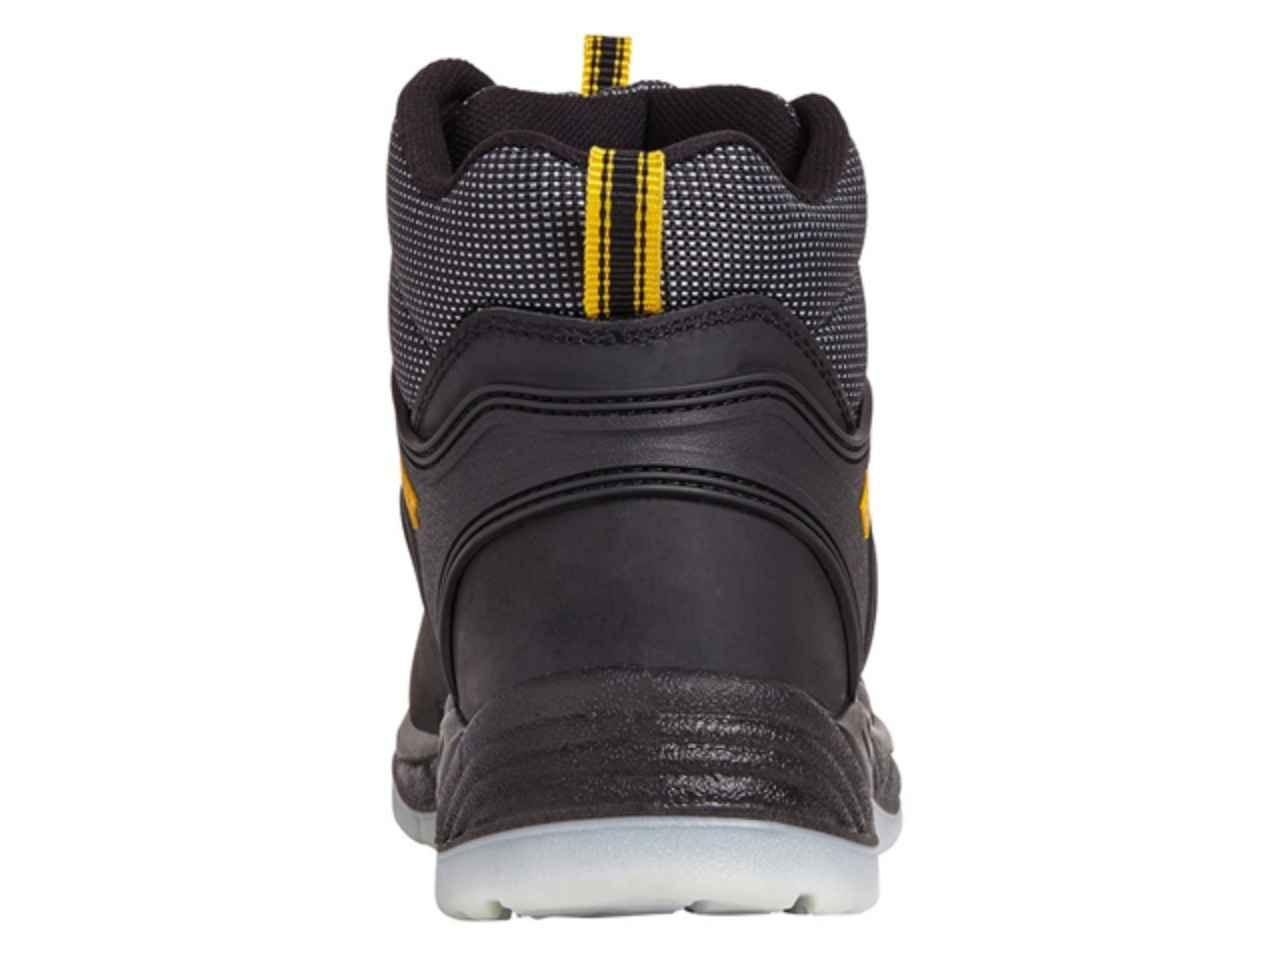 850239d7fd0 DeWalt DEWLASER9 Laser Hiker Safety Boot 9 - 43